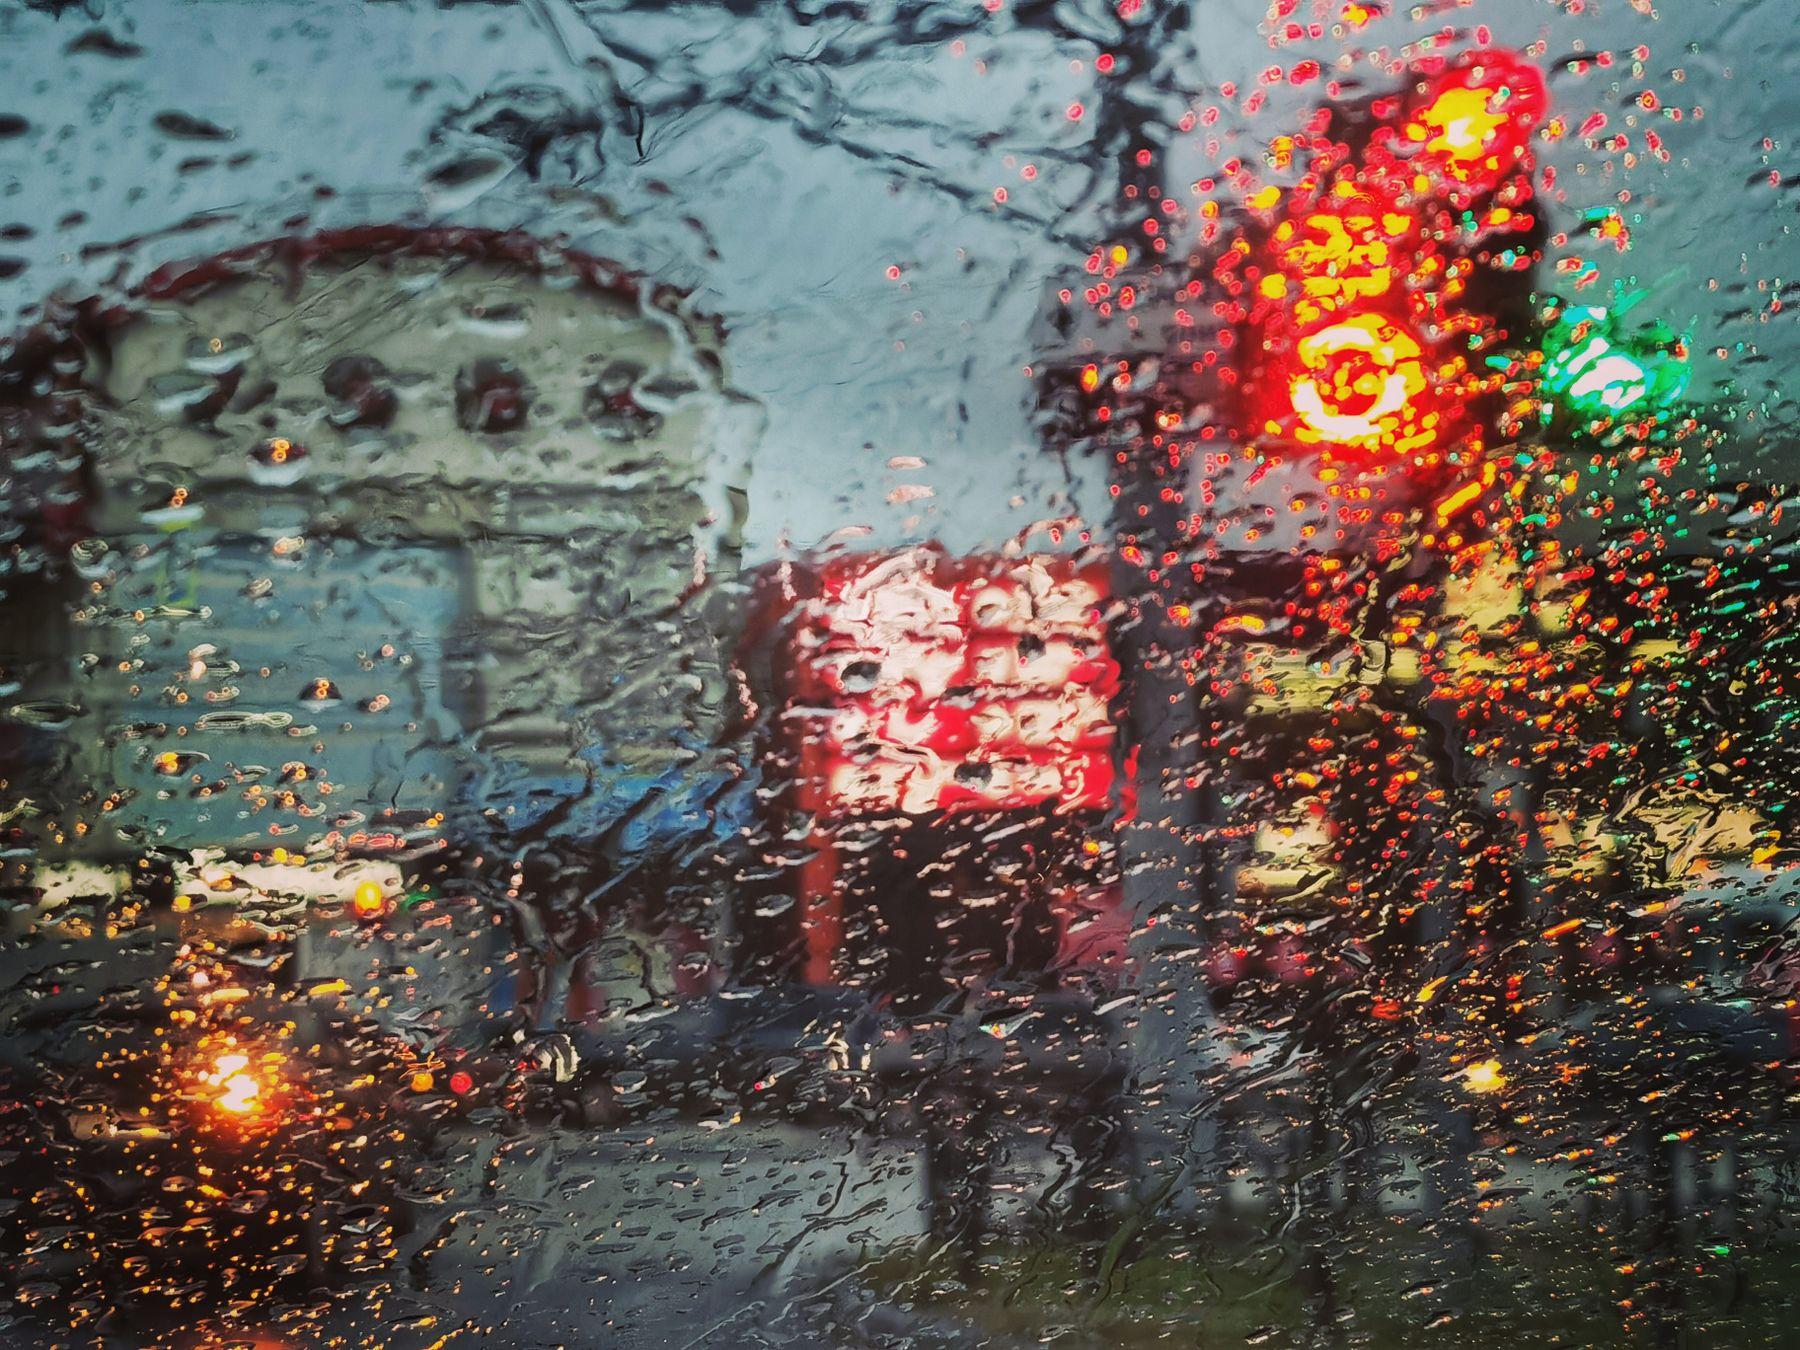 Художник дождь